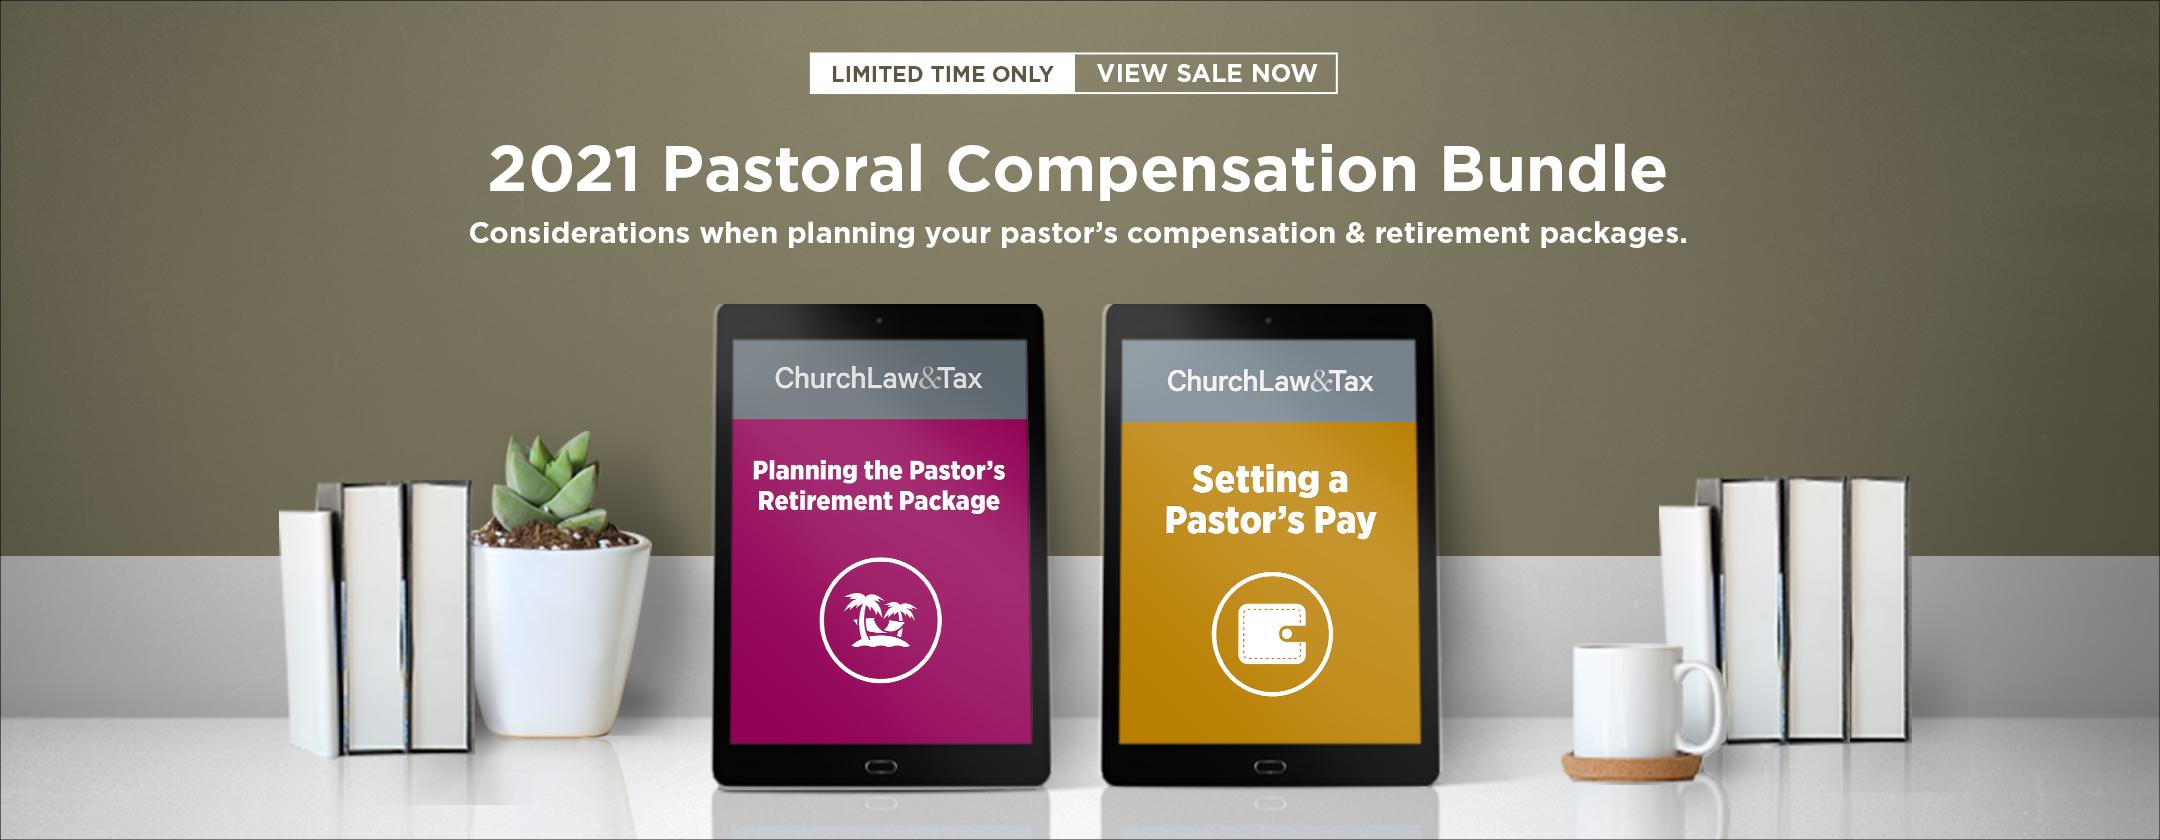 2021-pastoral-compensation-bundle-carousel-banner-ad-2.jpg